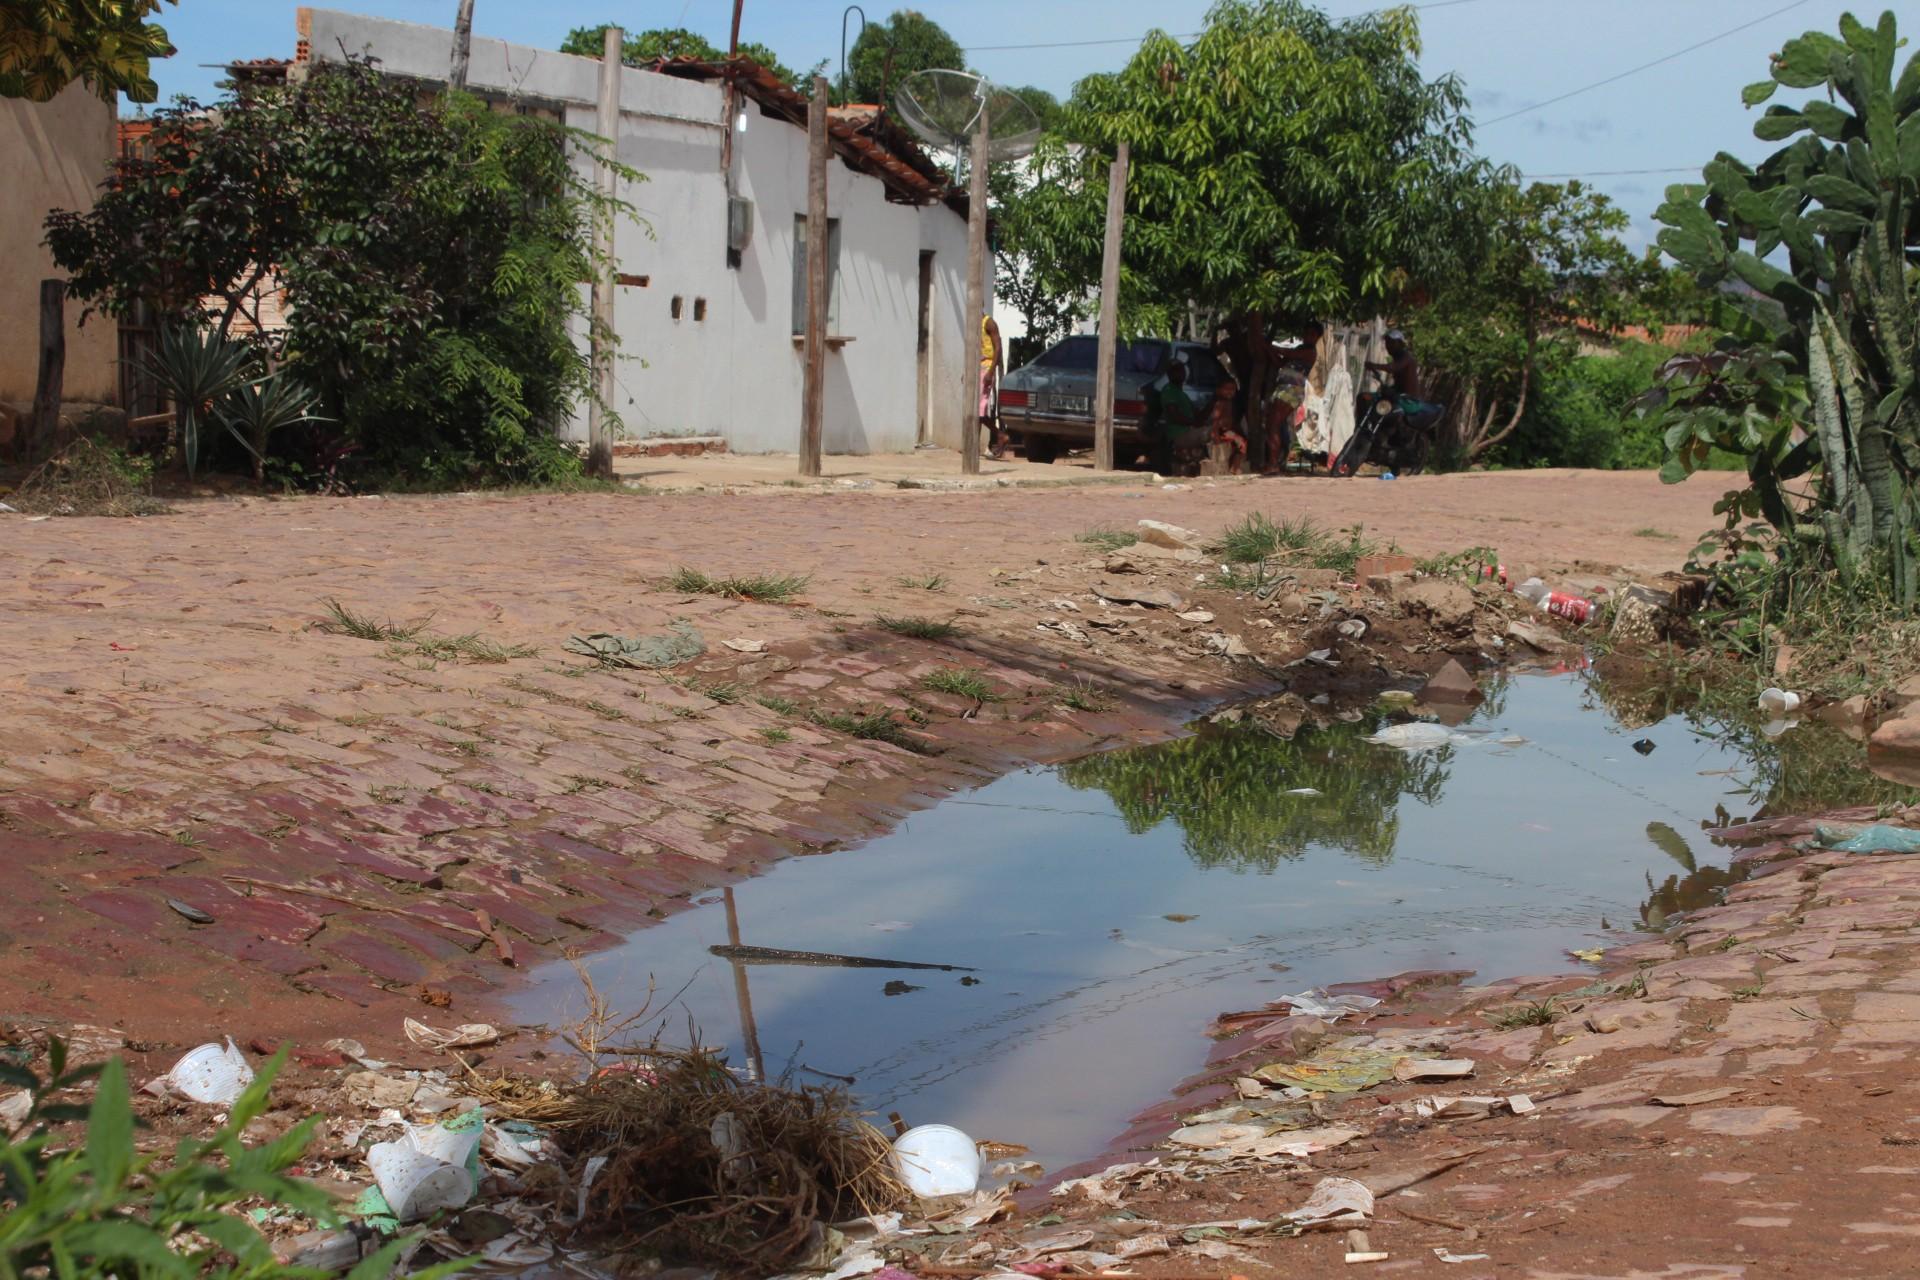 Saneamento Ambiental é tema de seminário em Aracaju - Radio Evangelho Gospel